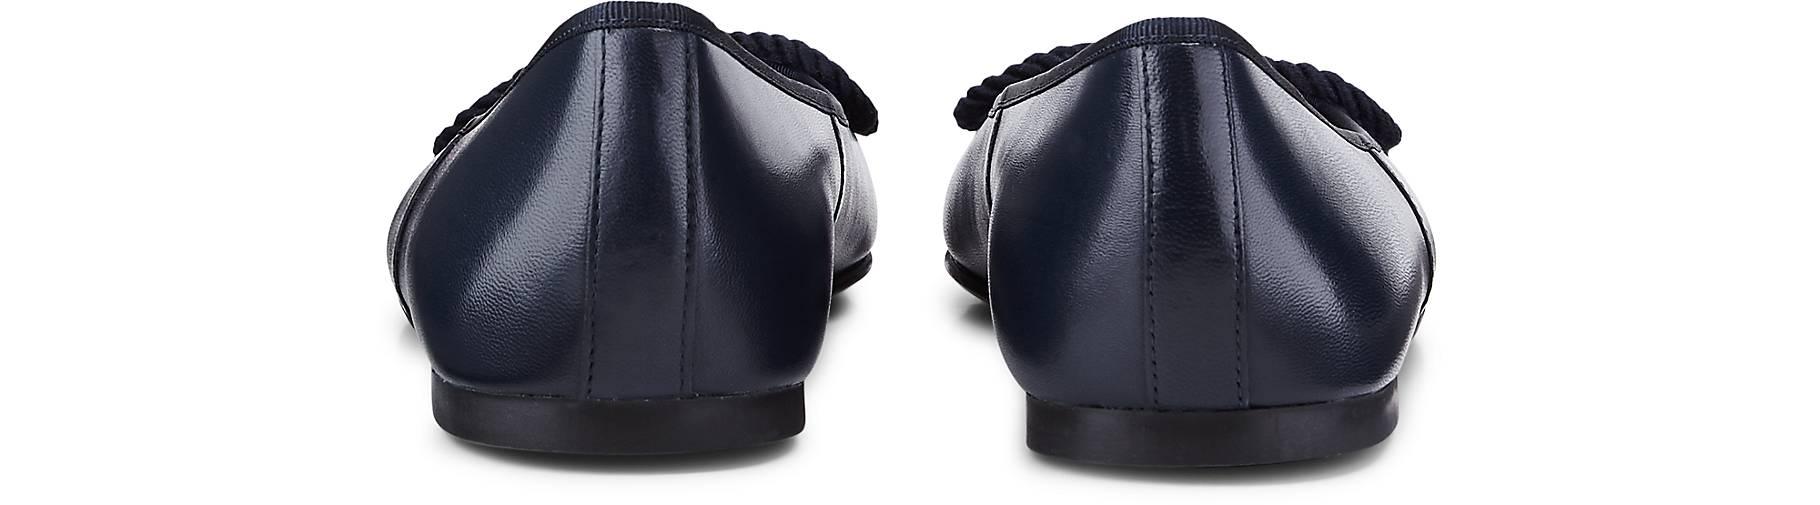 Pretty Pretty Pretty Ballerinas Ballerina RosaRIO in blau-dunkel kaufen - 47323203 GÖRTZ Gute Qualität beliebte Schuhe 2f490d